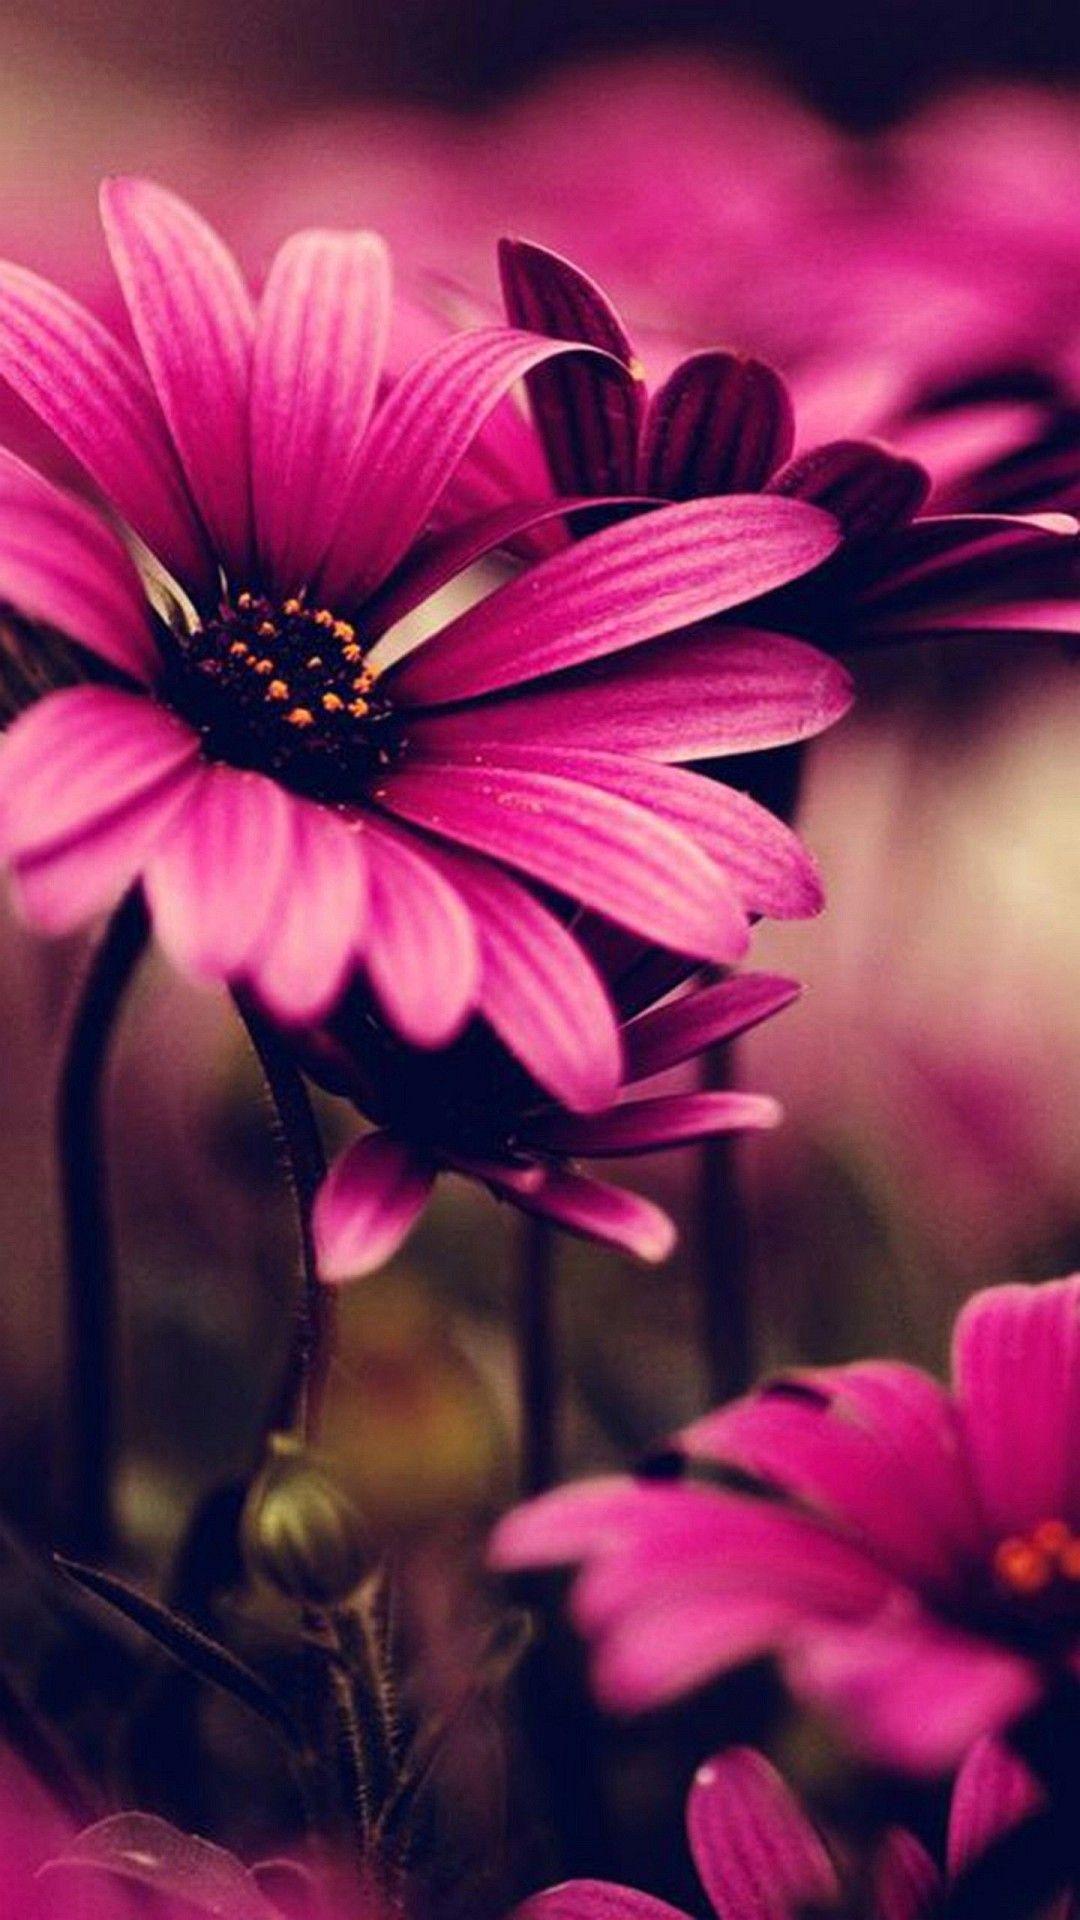 Schöne Hintergrundbilder Fürs Handy Blumen Hylen Maddawards Com